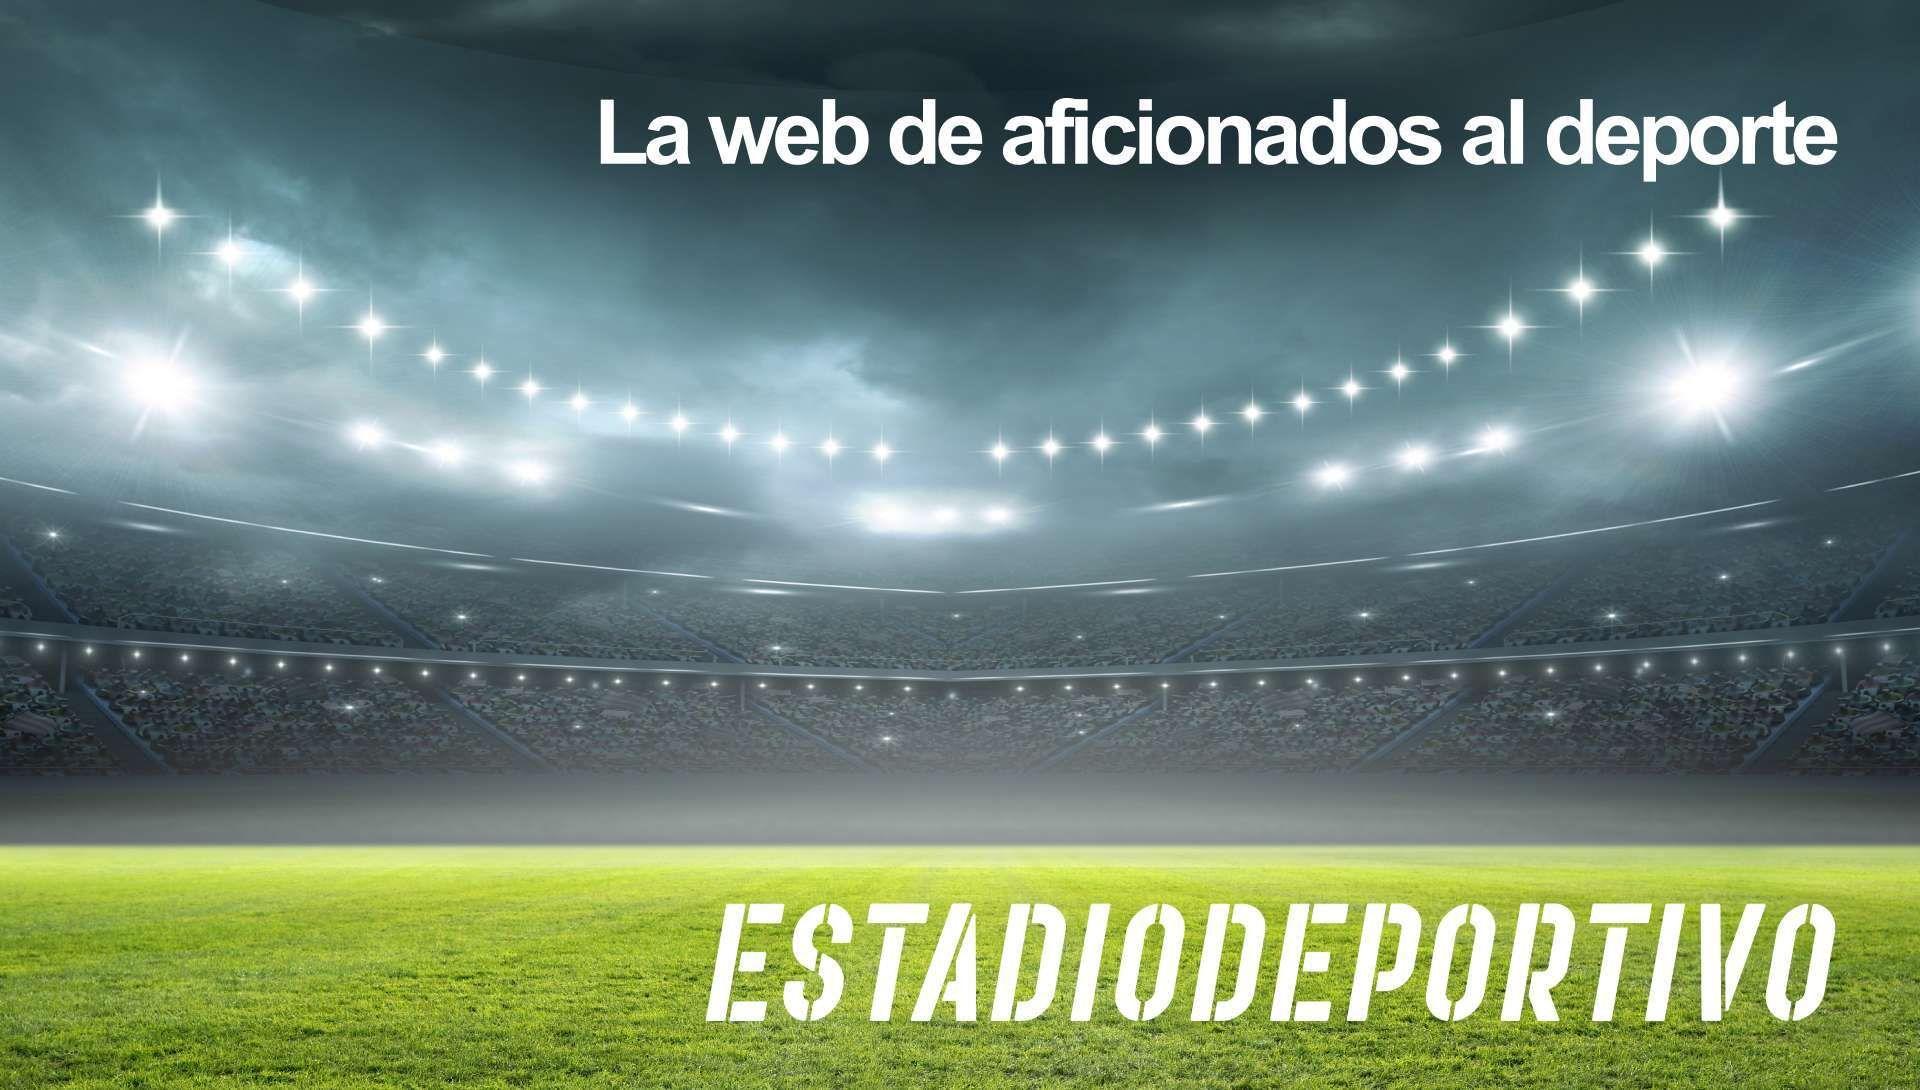 Portadas de la prensa deportivo del domingo 18 de julio